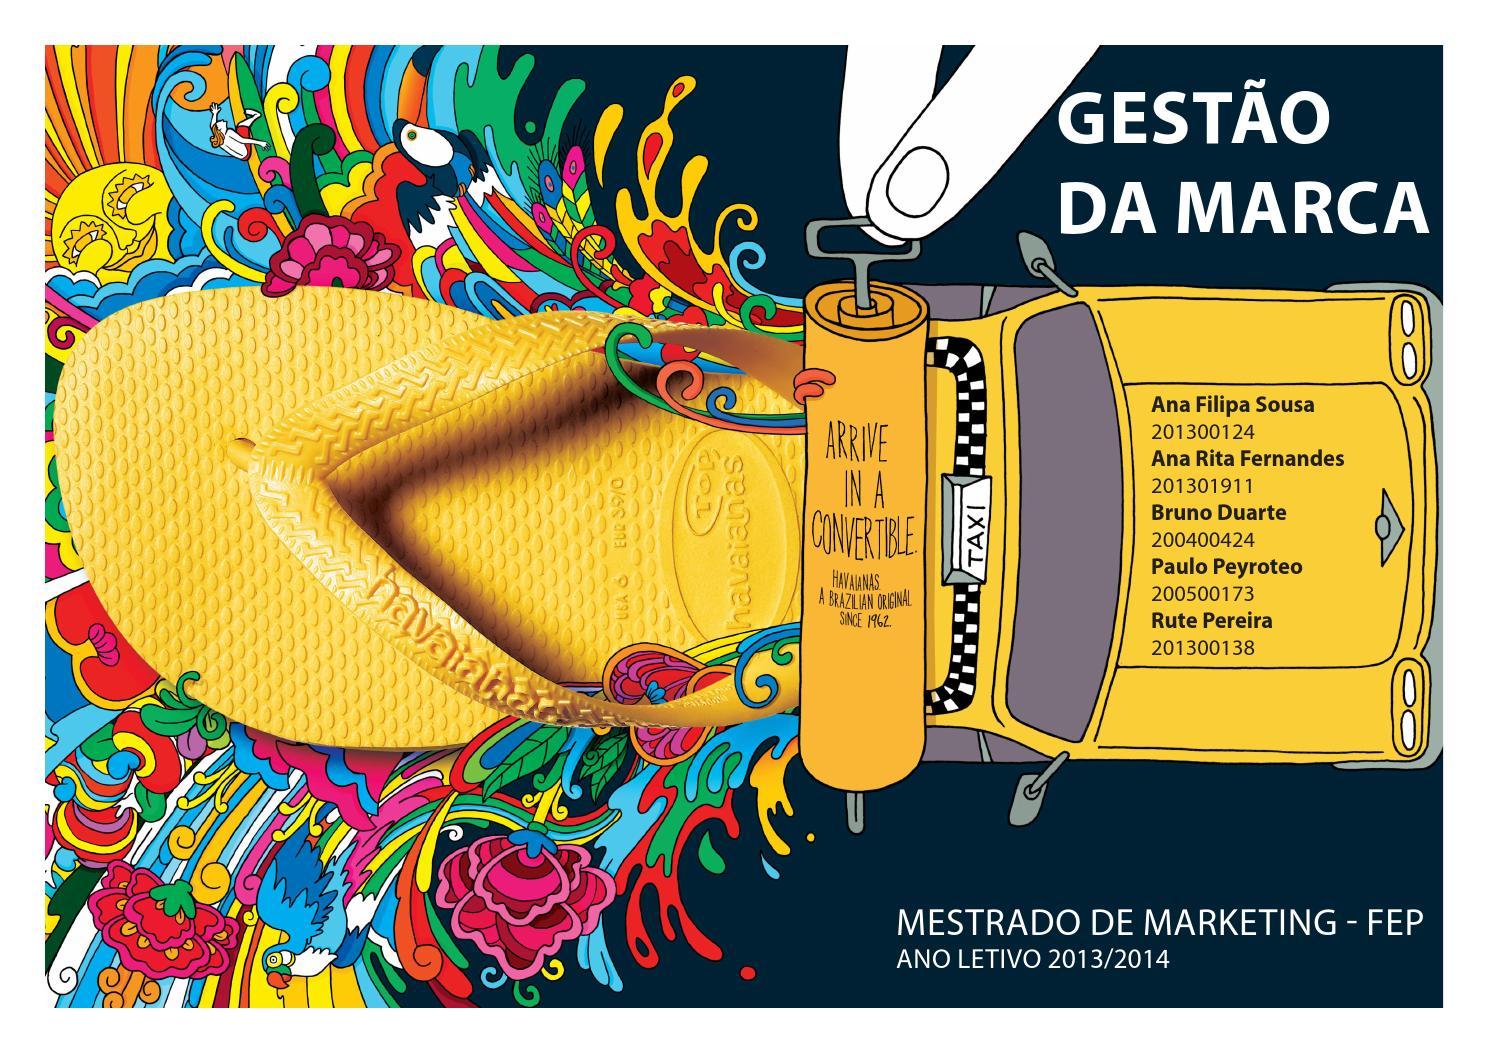 11ad1cdd7d GMCM - Relatório Havaianas by Rute Guimarães Pereira - issuu